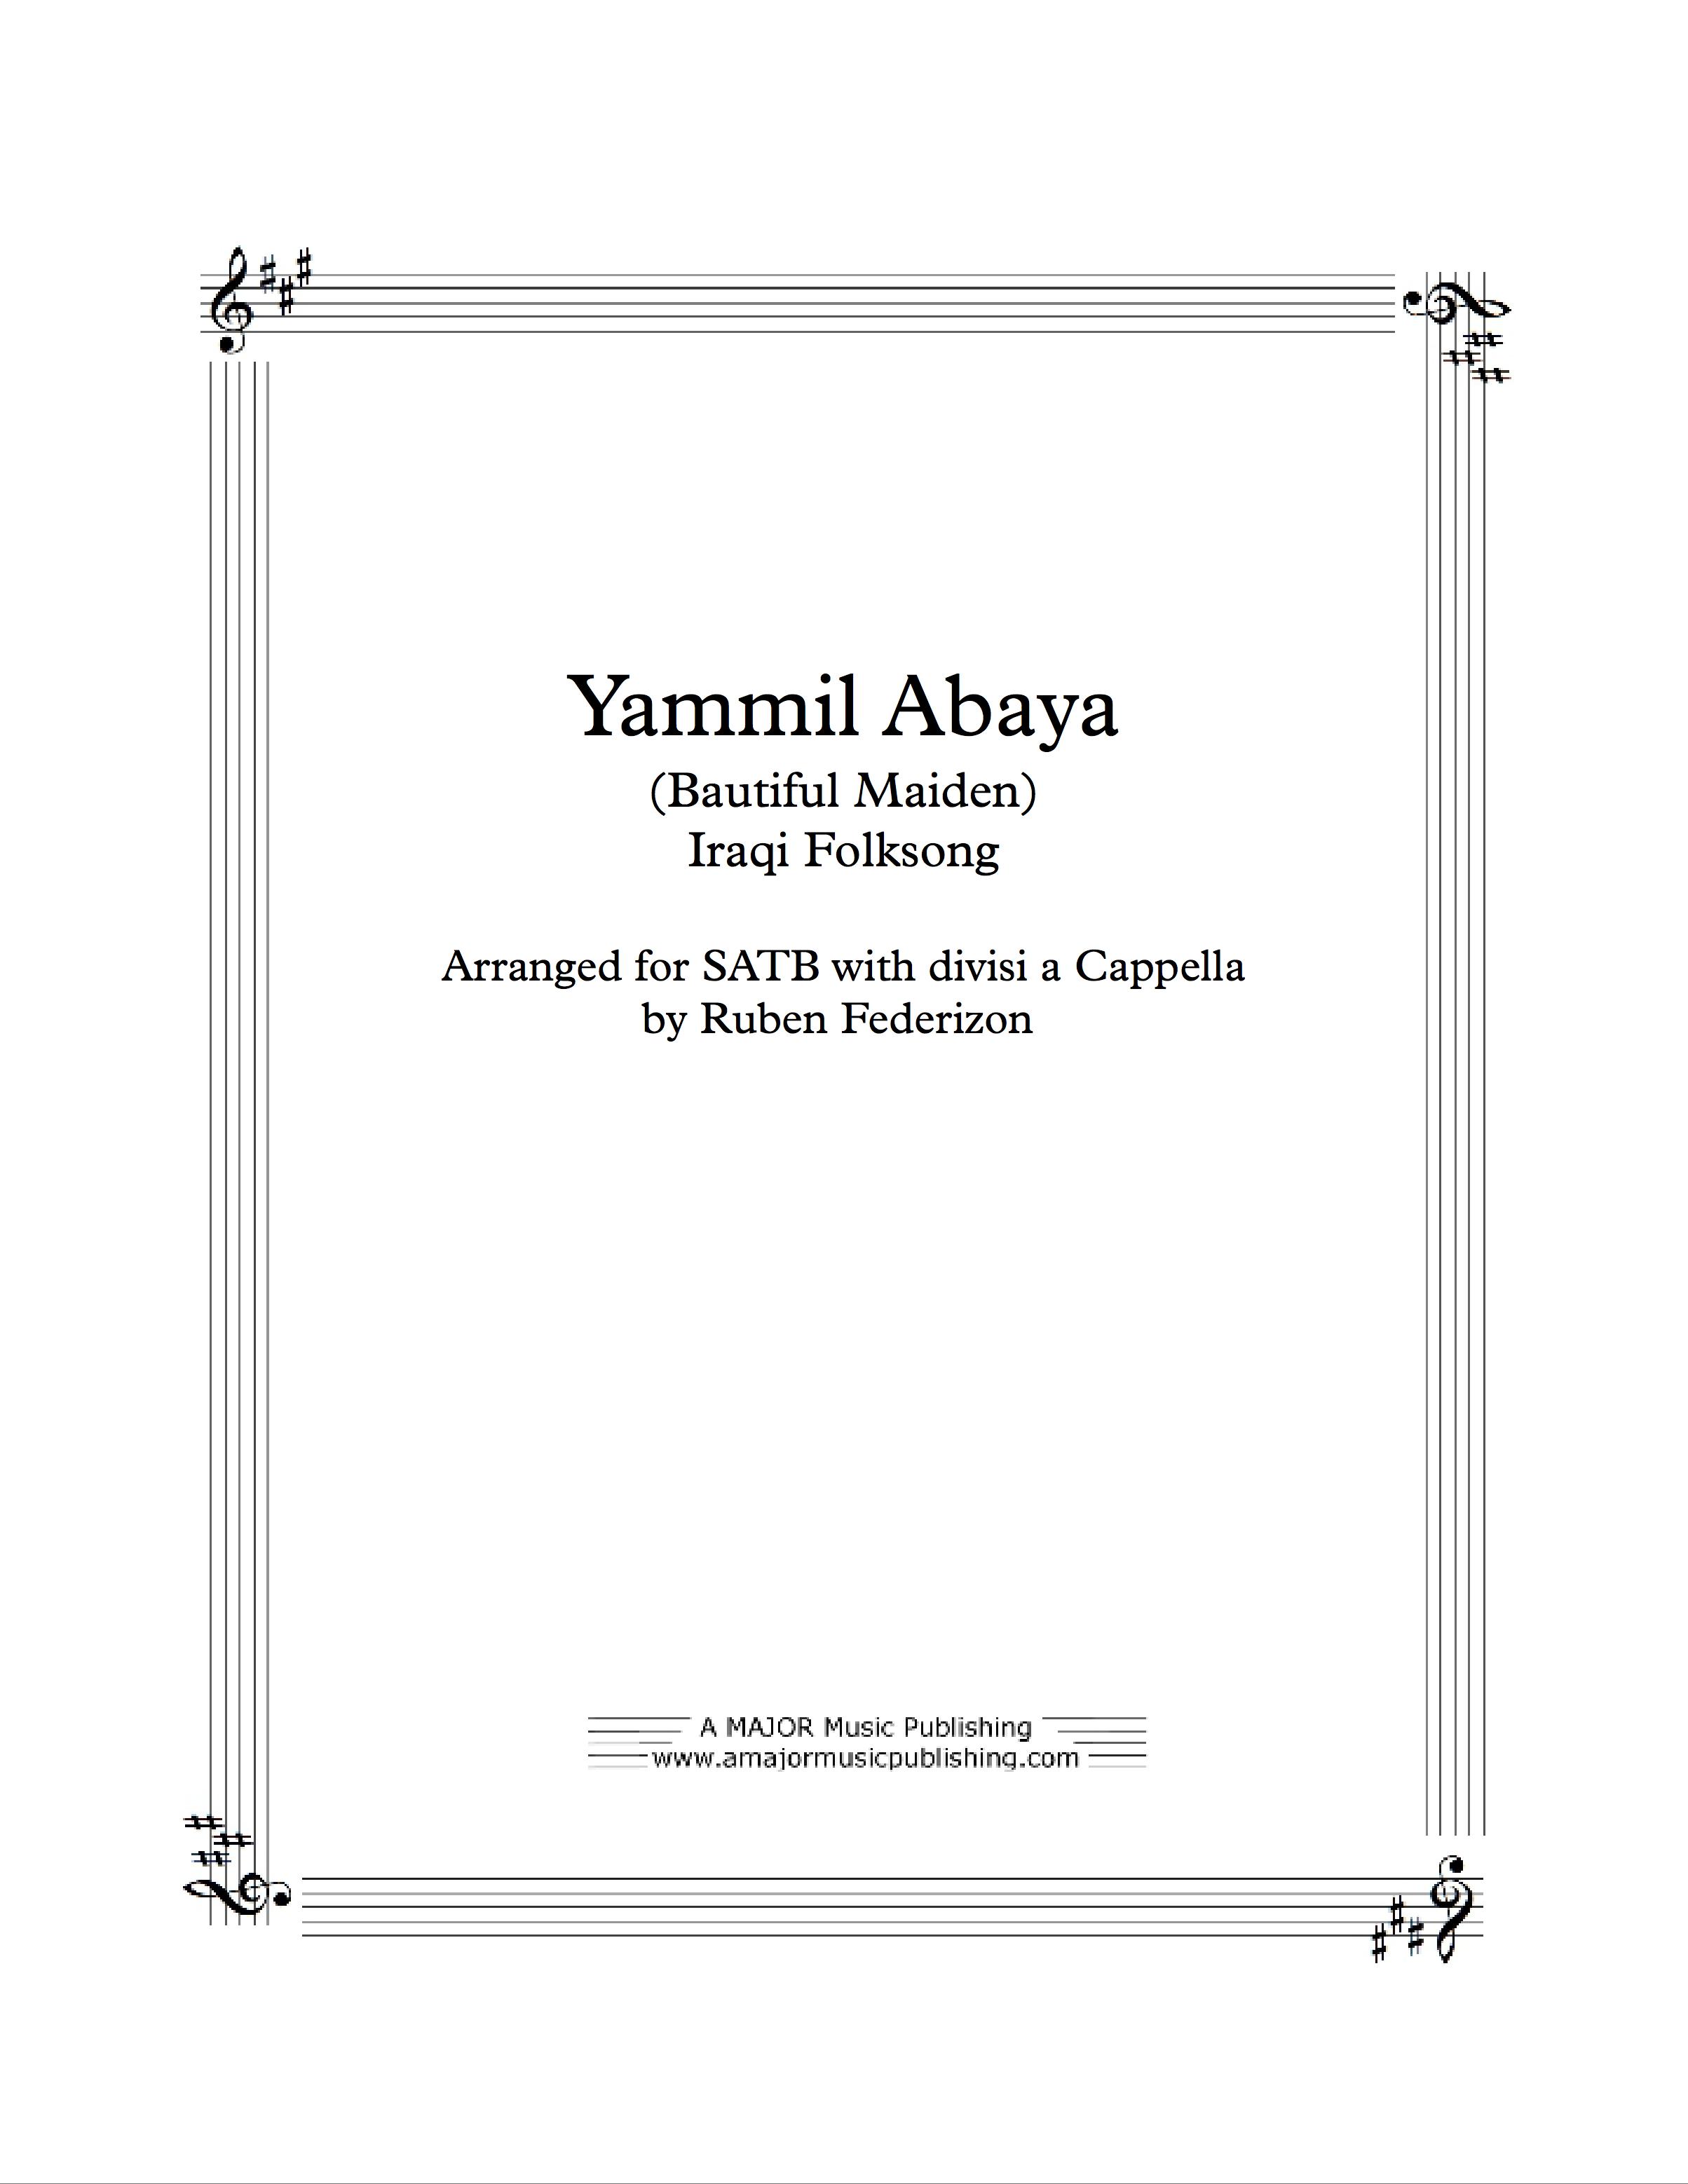 yammil abaya05_0001.png